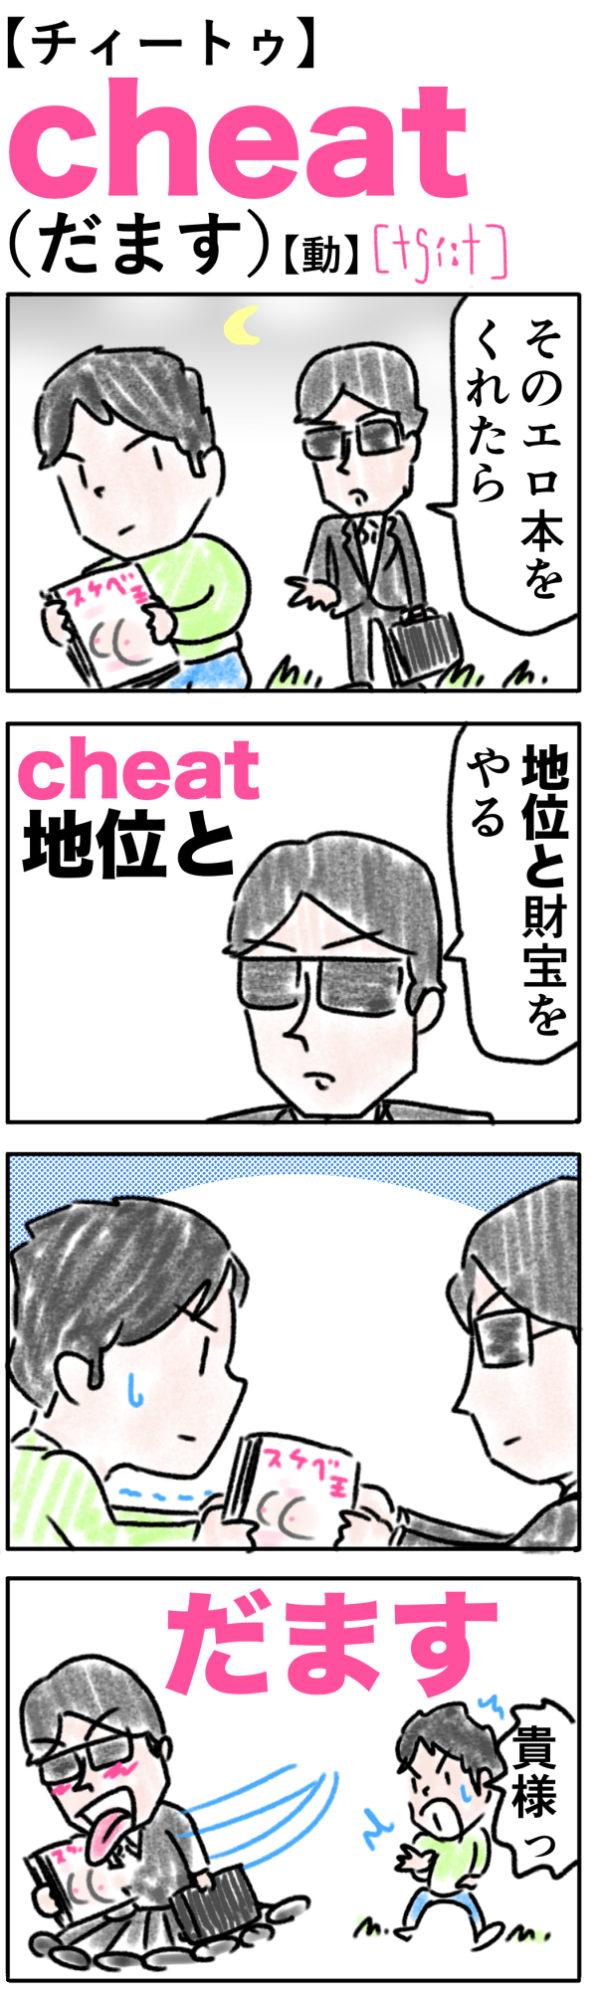 cheat(だます)